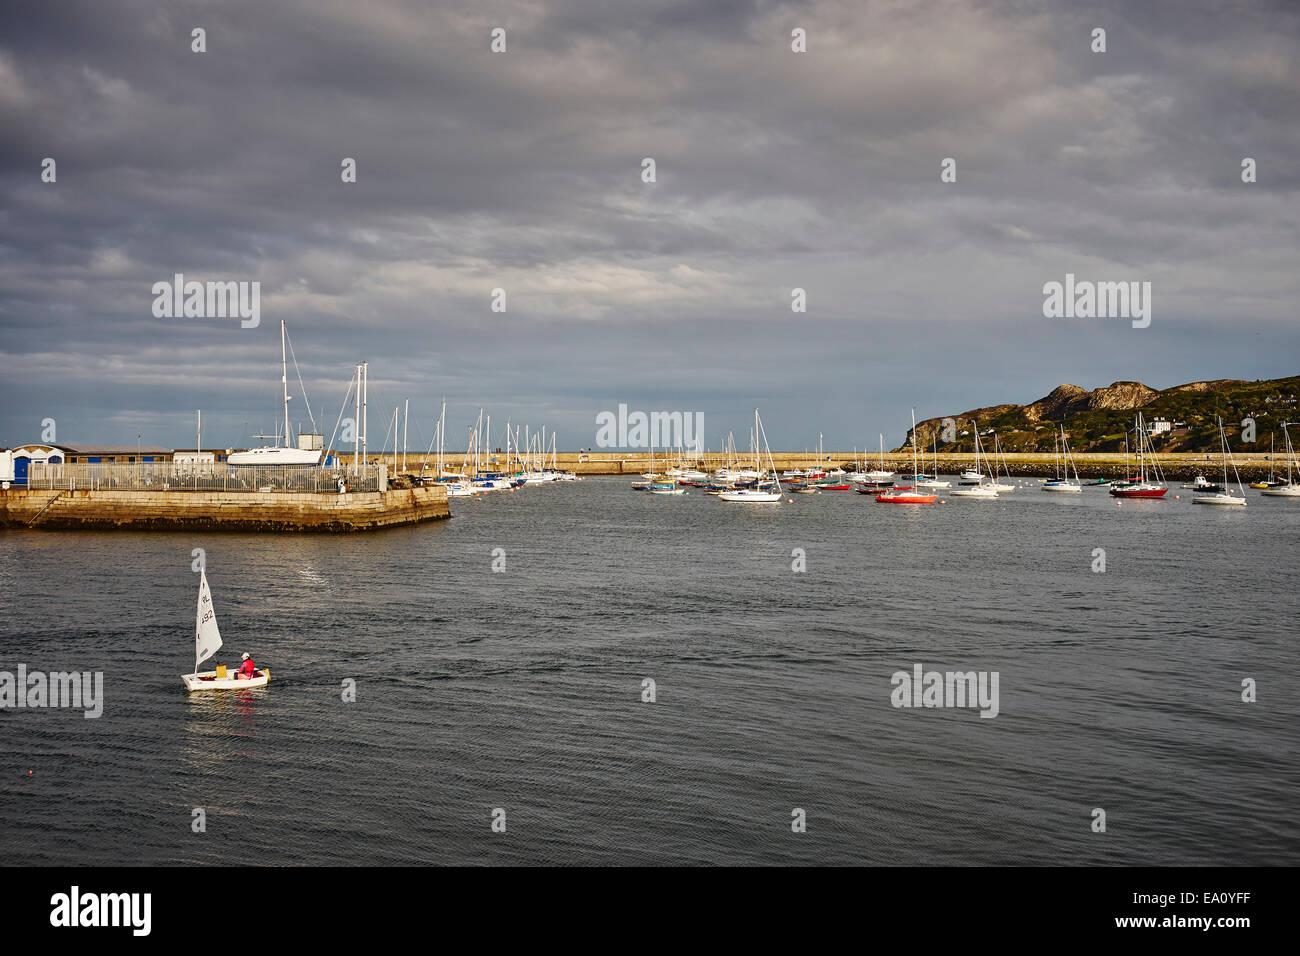 Vista de los veleros y el puerto de Howth, la Bahía de Dublín, República de Irlanda Foto de stock